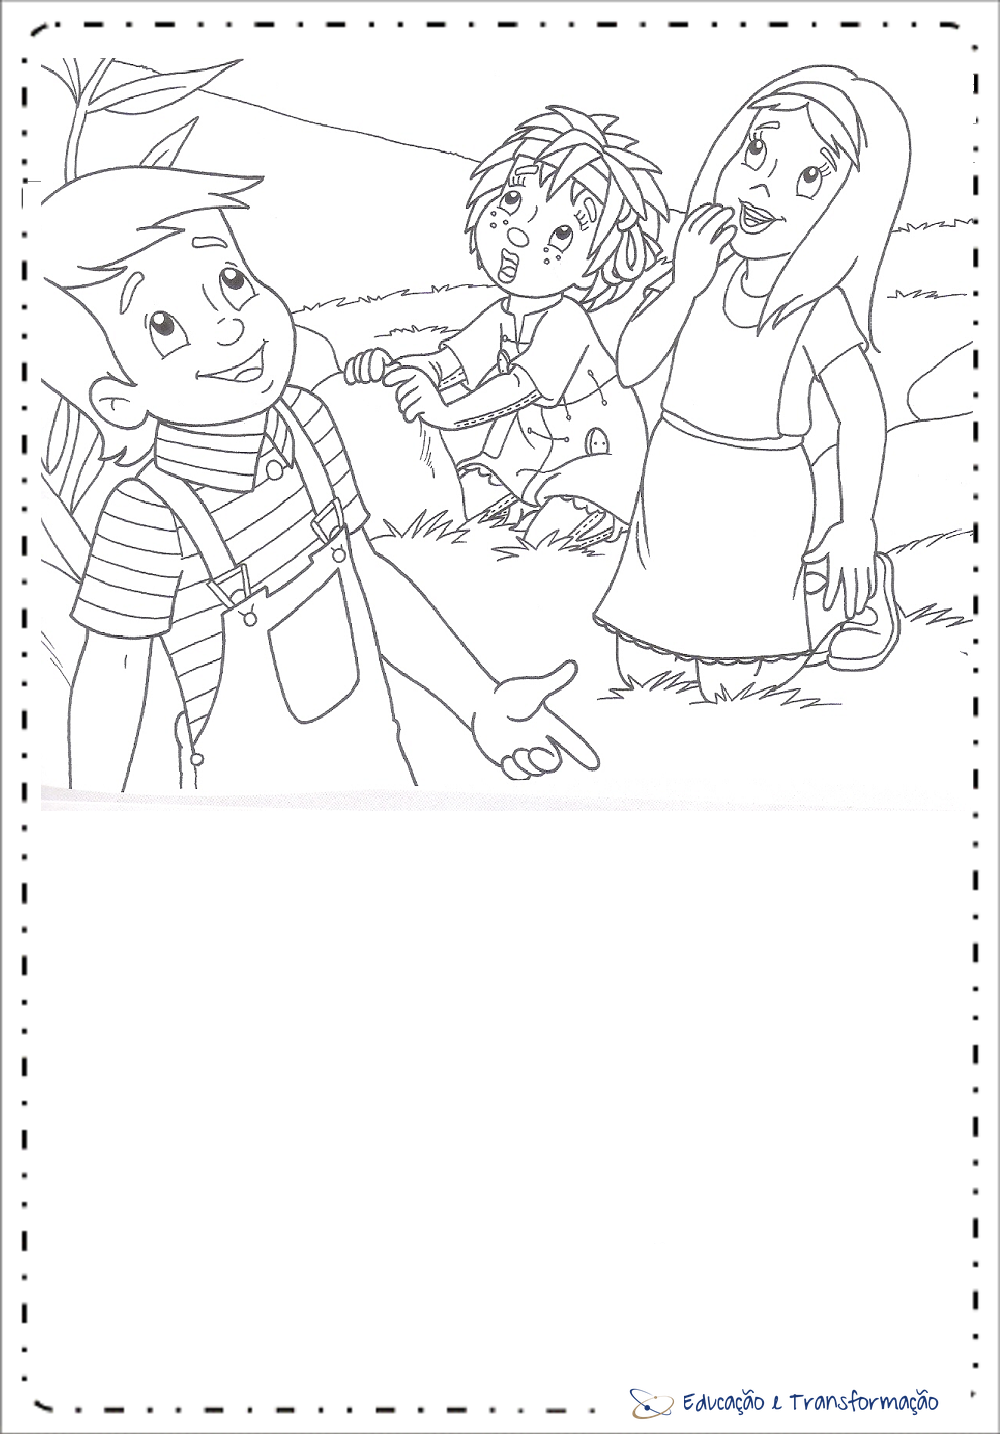 Atividades do Sítio do Pica Pau Amarelo - Desenhos para colorir